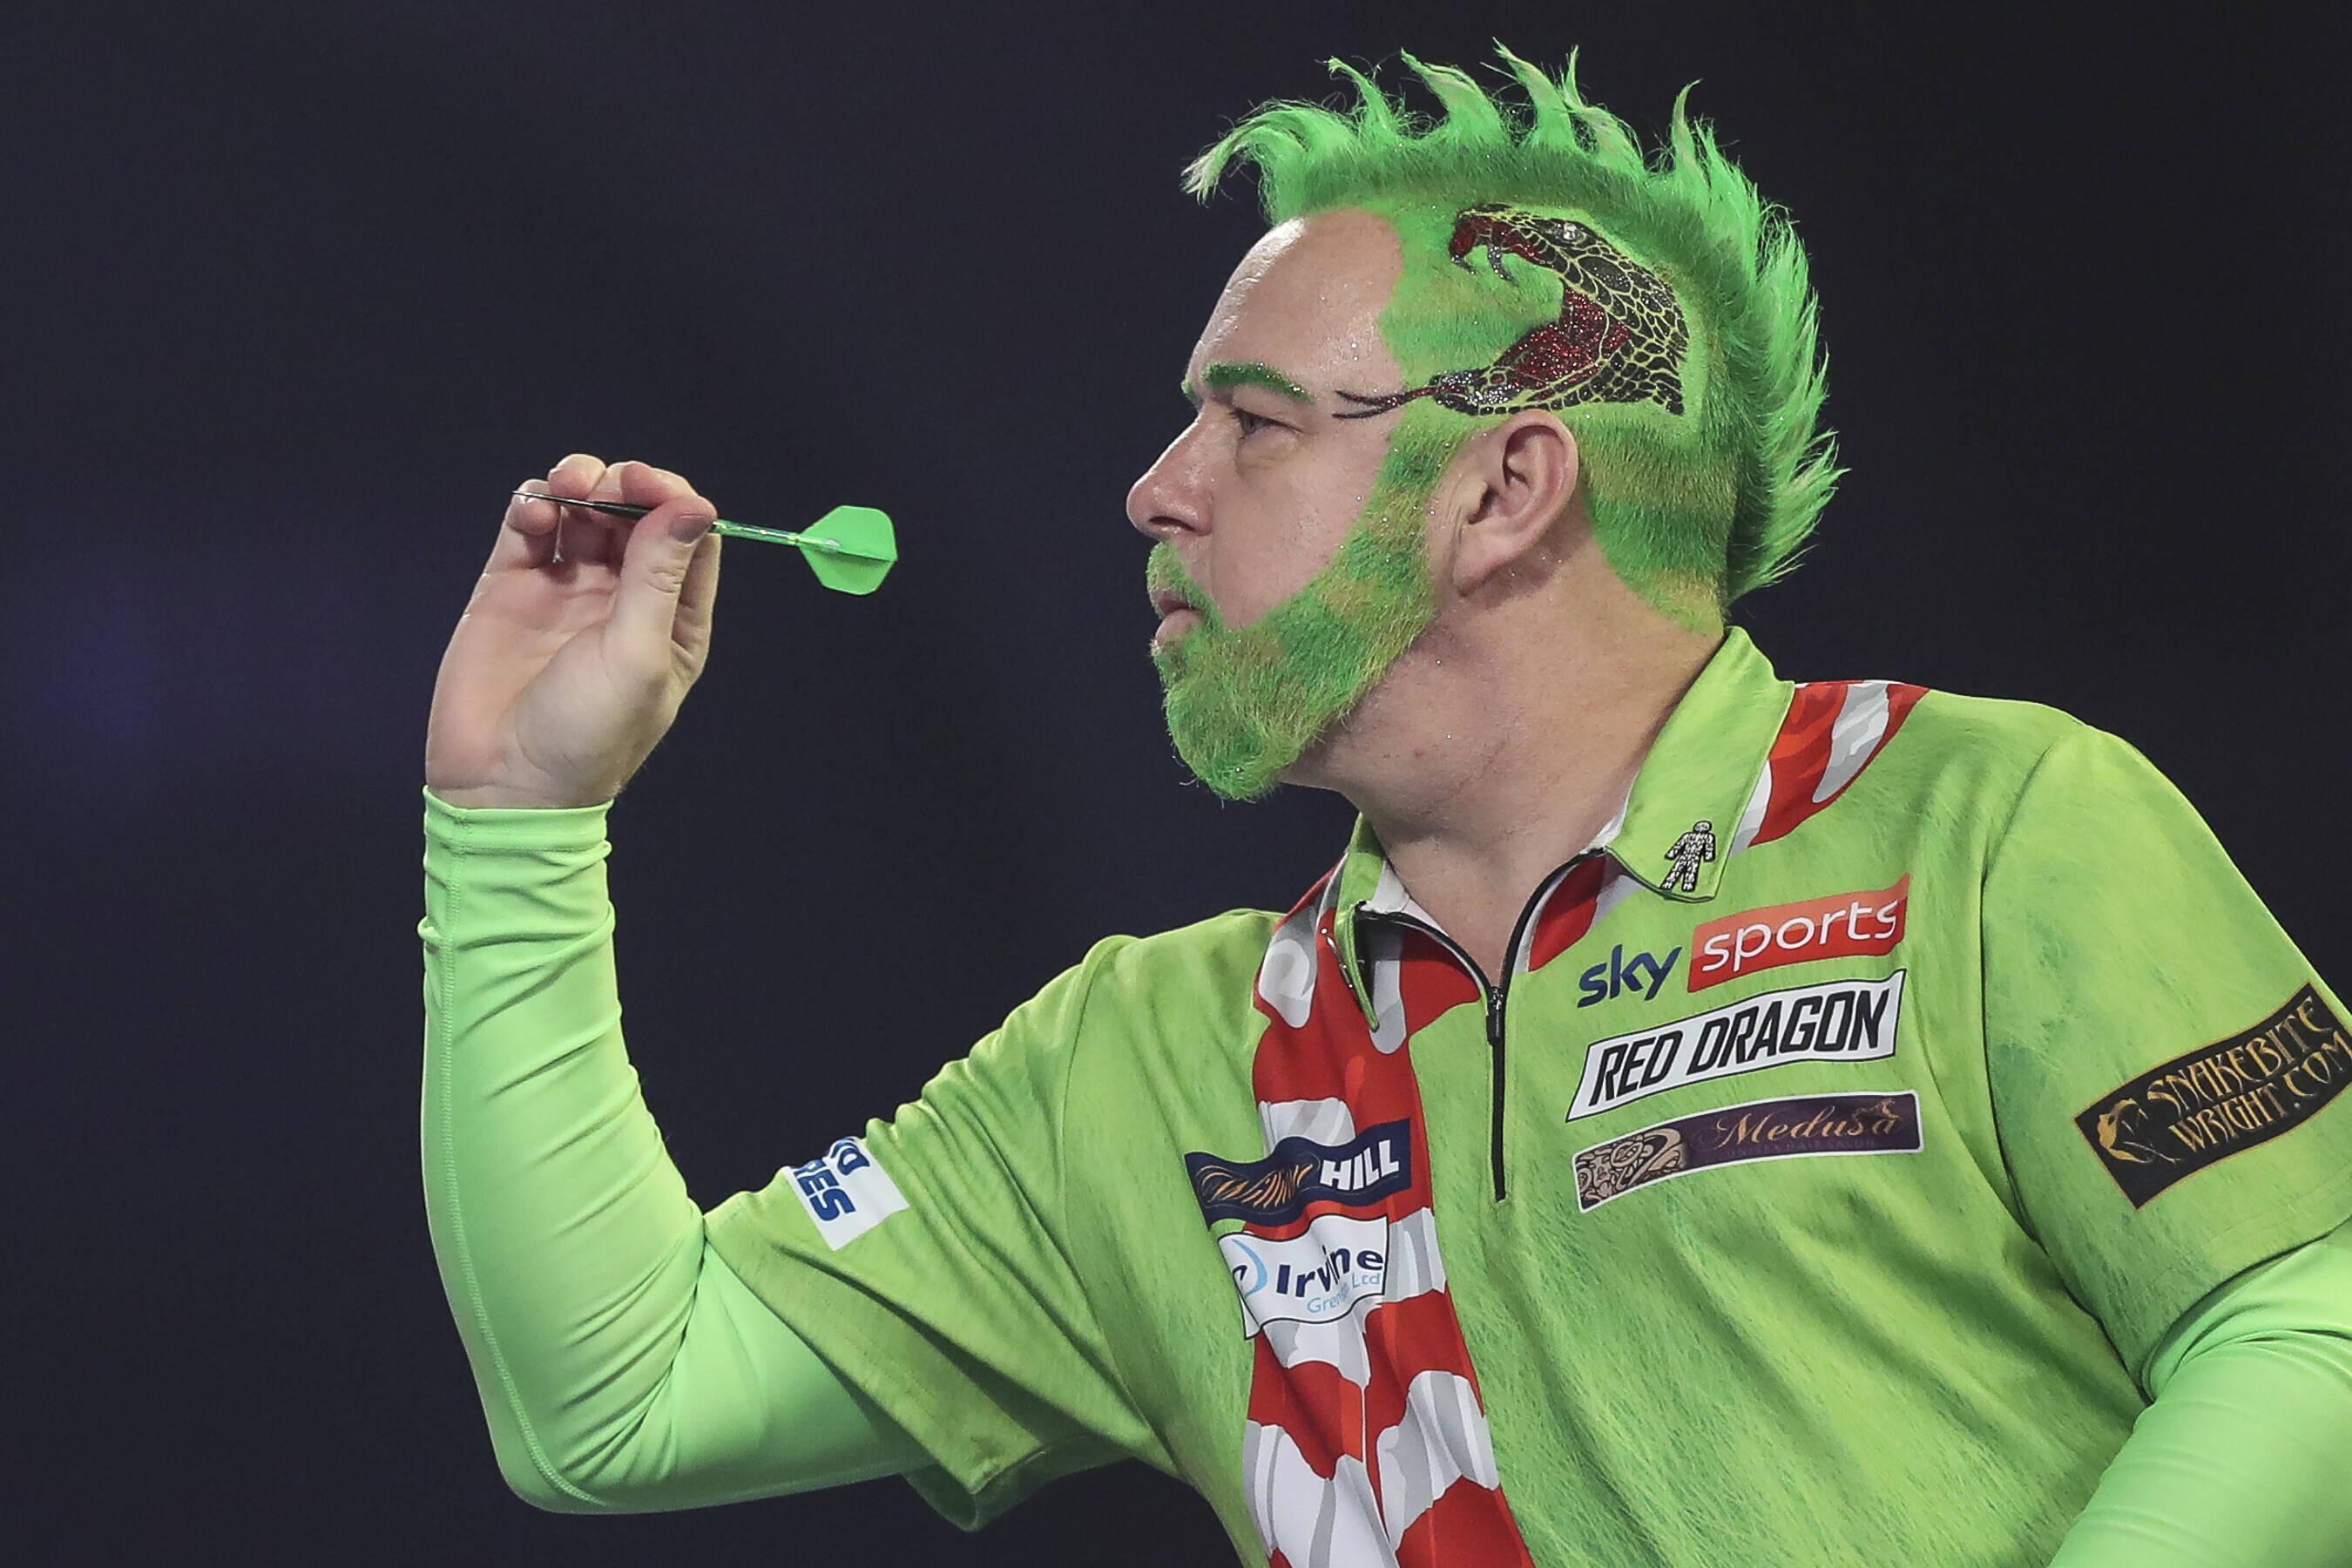 Bild zu Peter Wright als Grinch bei der Darts-WM 2021.